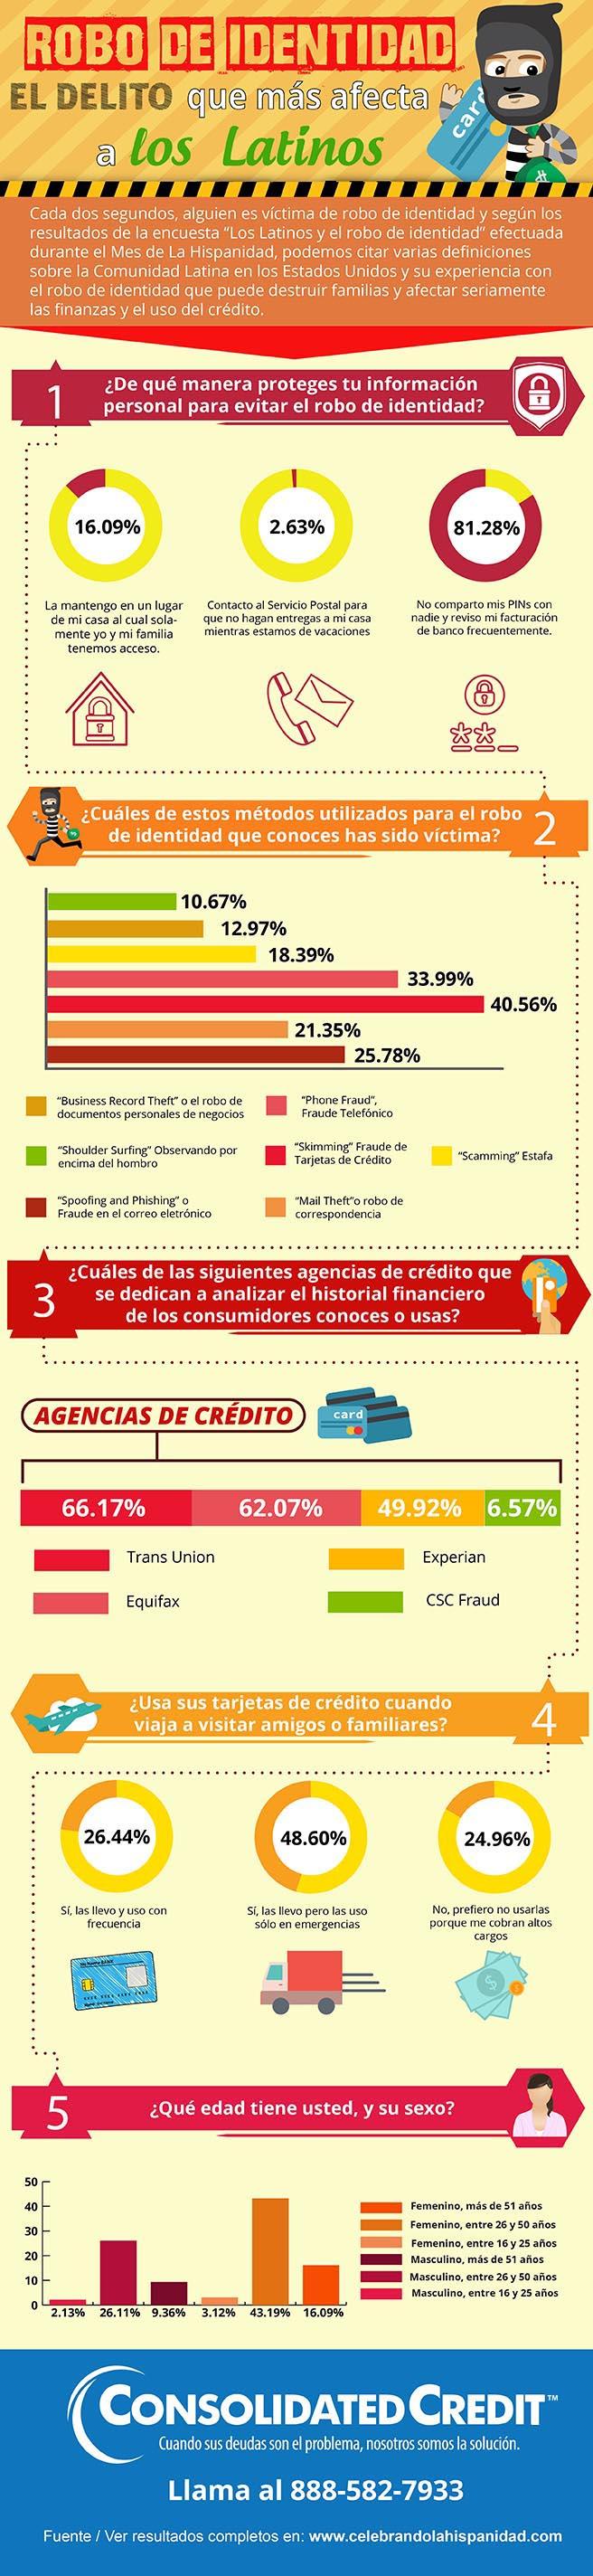 Latinos y el robo de identidad